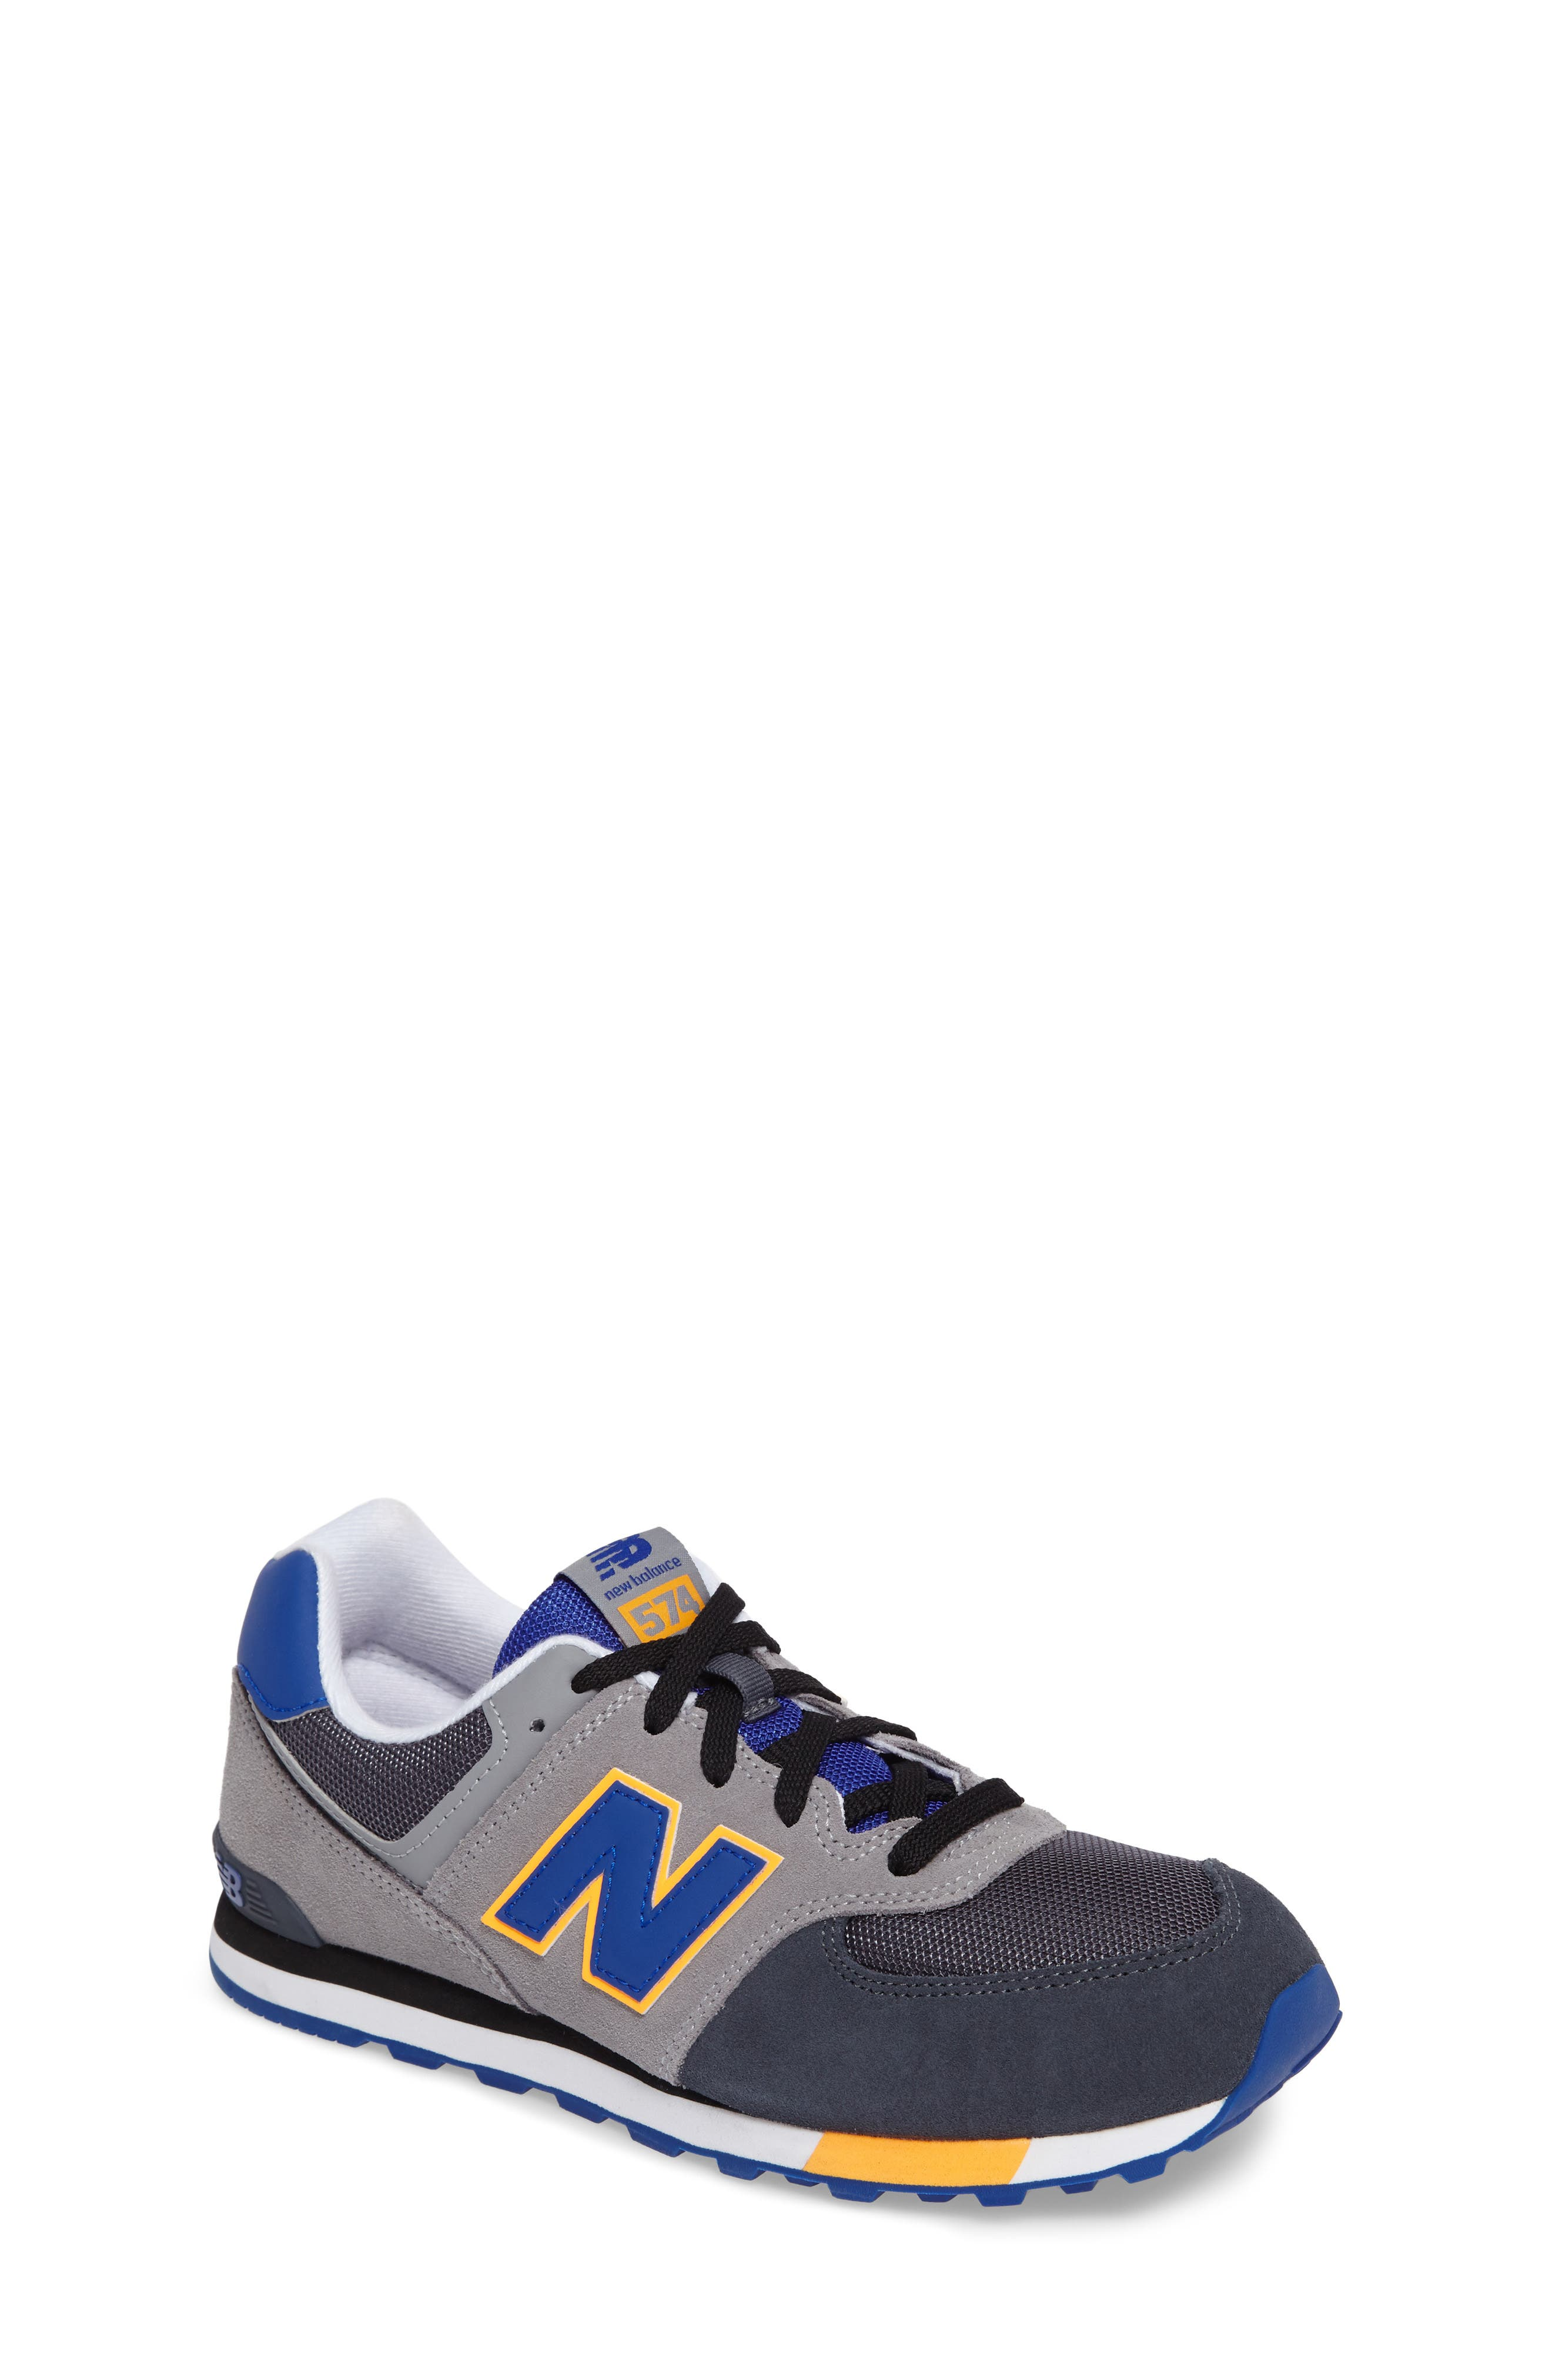 574 Cut & Paste Sneaker,                         Main,                         color, Grey/ Blue